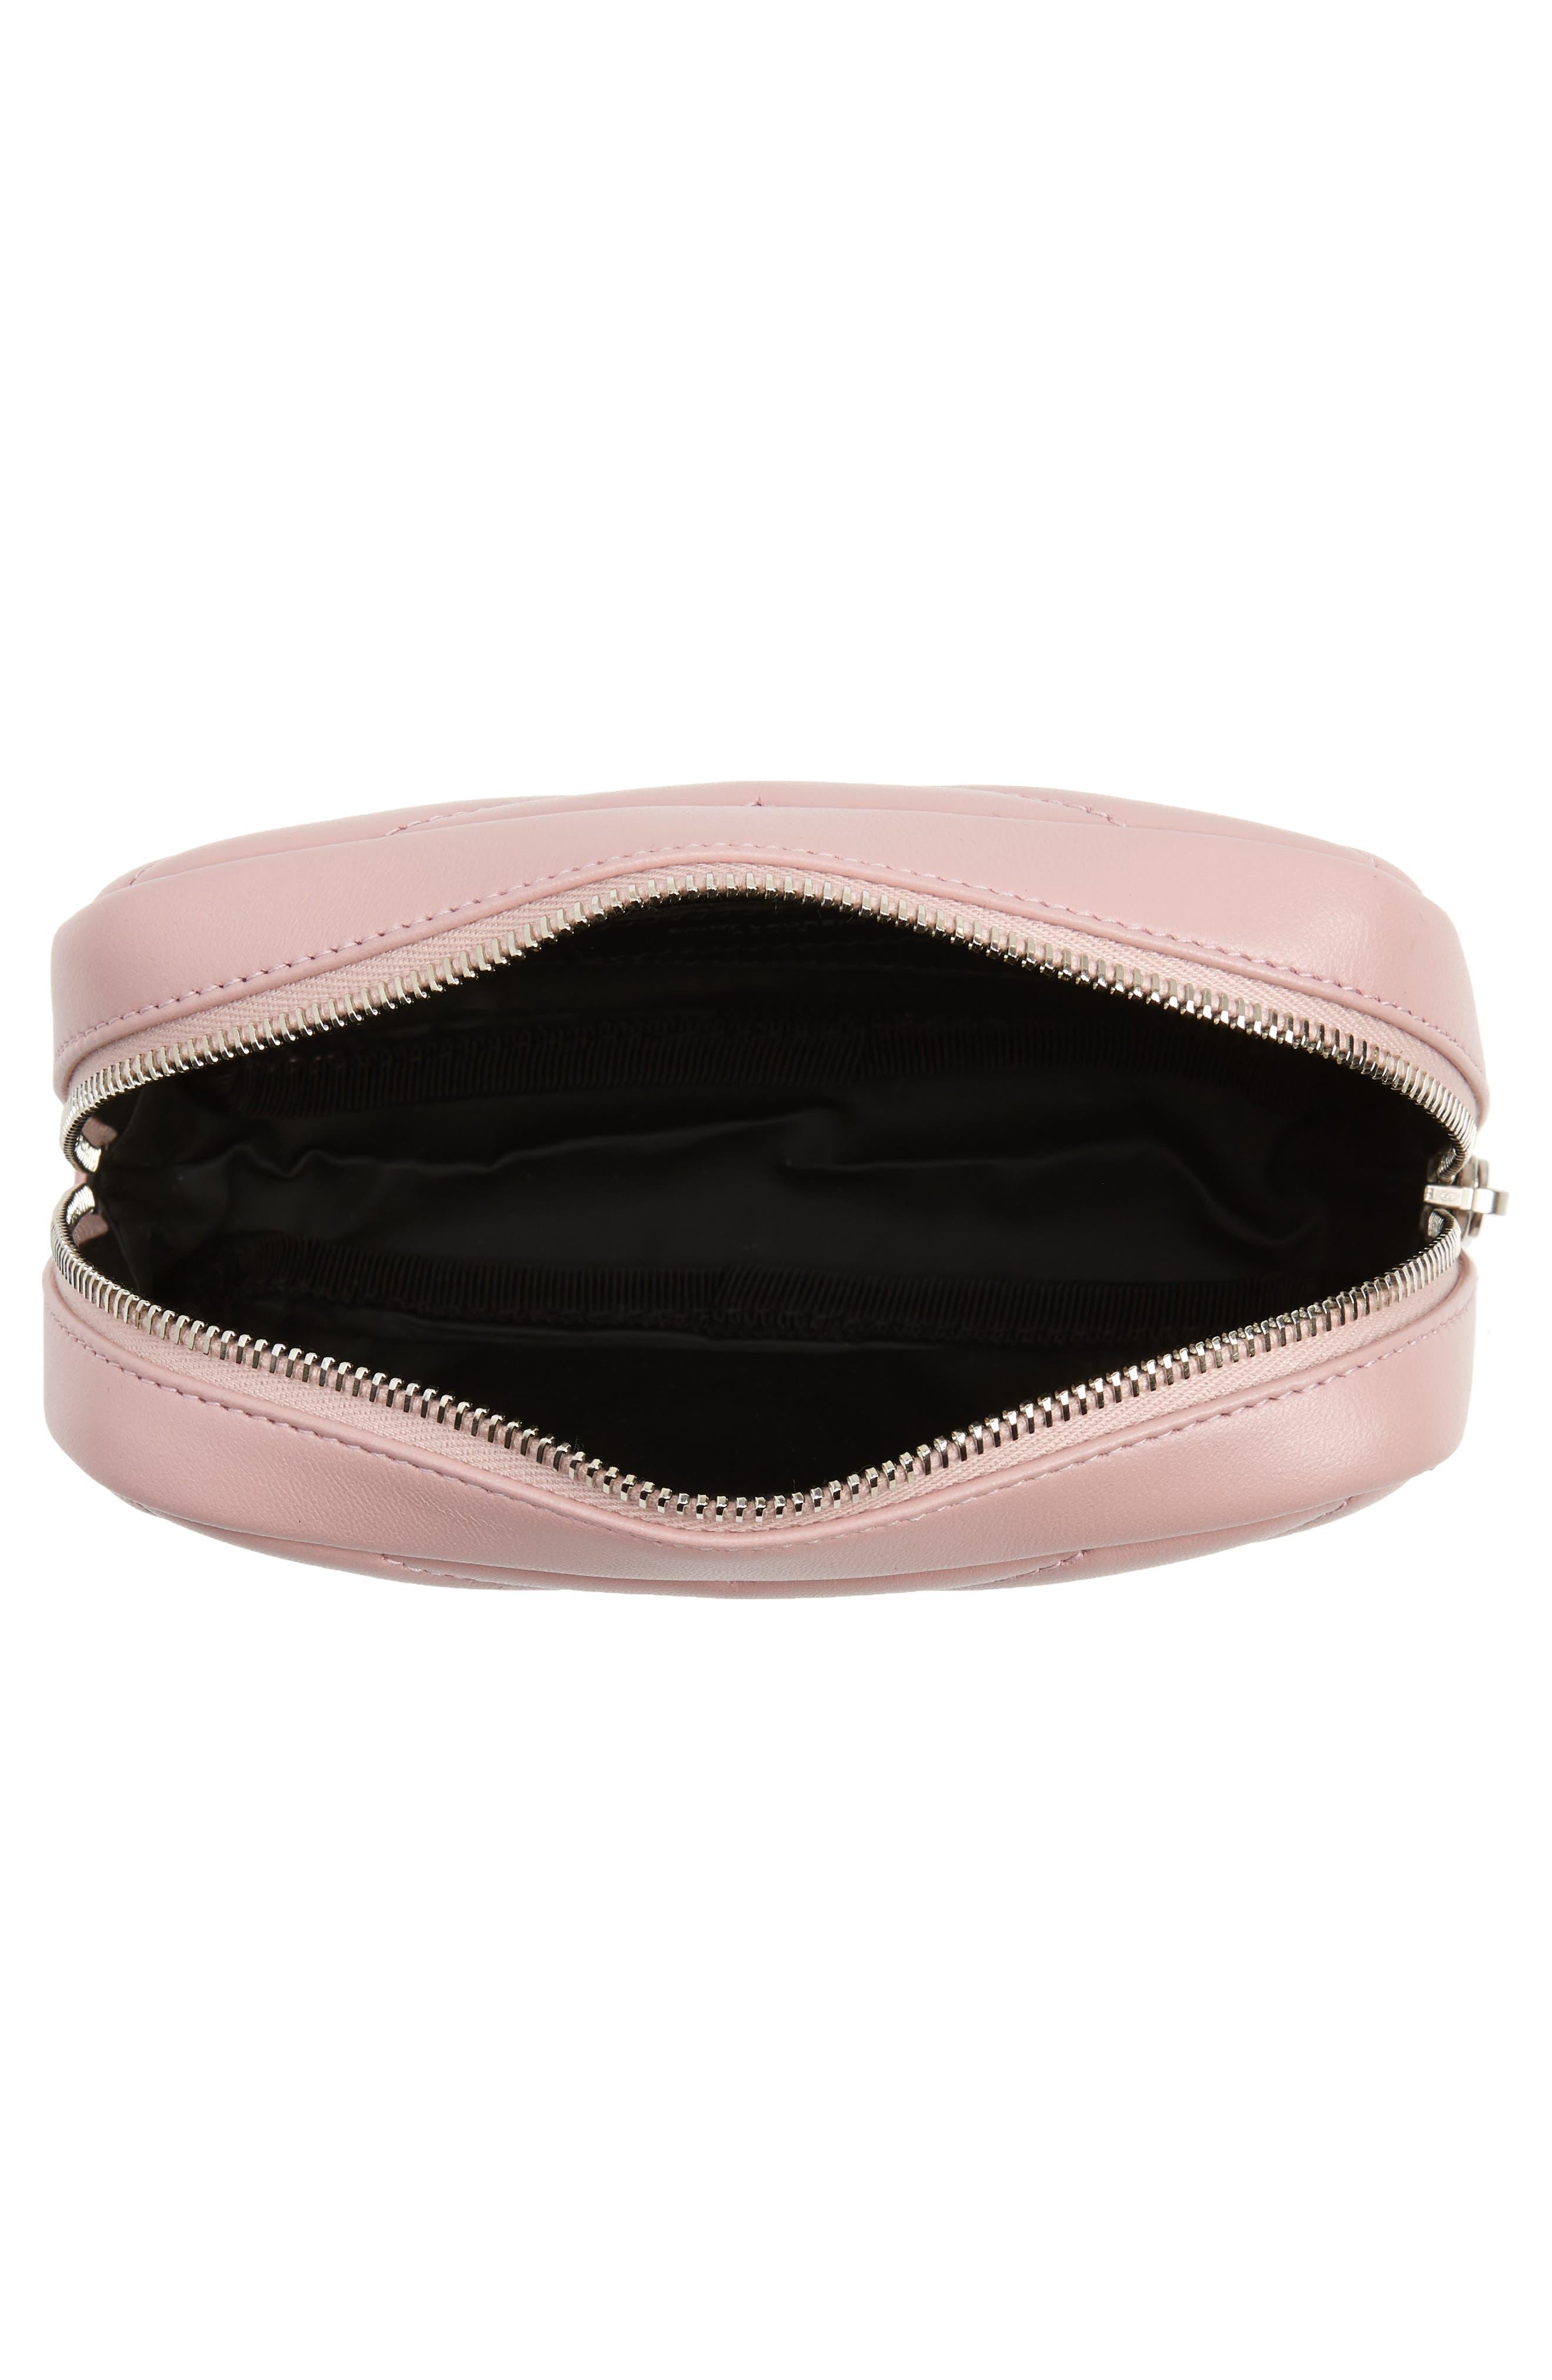 SAINT LAURENT, Loulou Matelassé Leather Cosmetics Bag, Alternate thumbnail 3, color, TENDER PINK